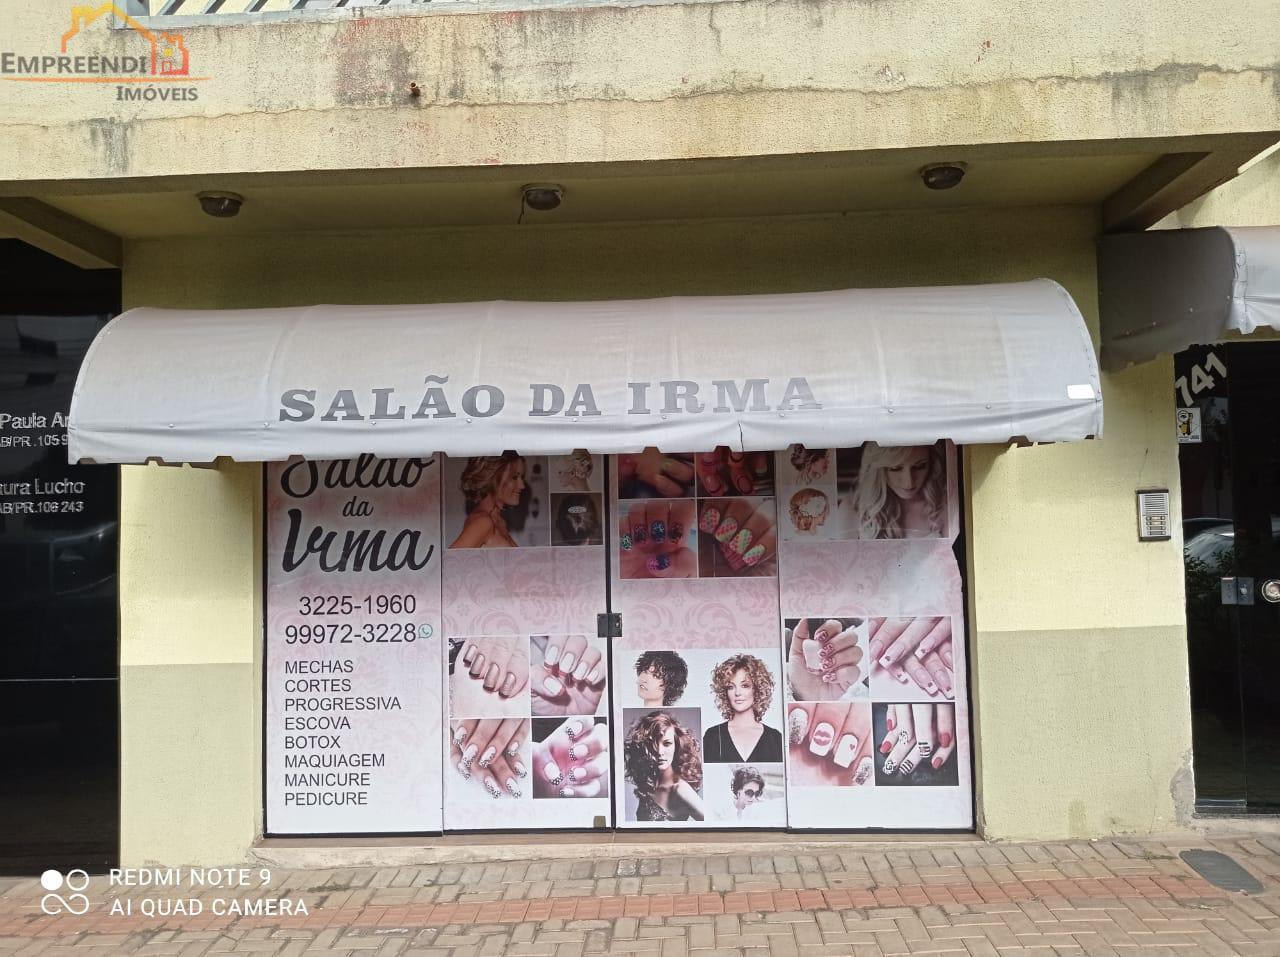 Sala Comercial para locação, CENTRO, PATO BRANCO - PR